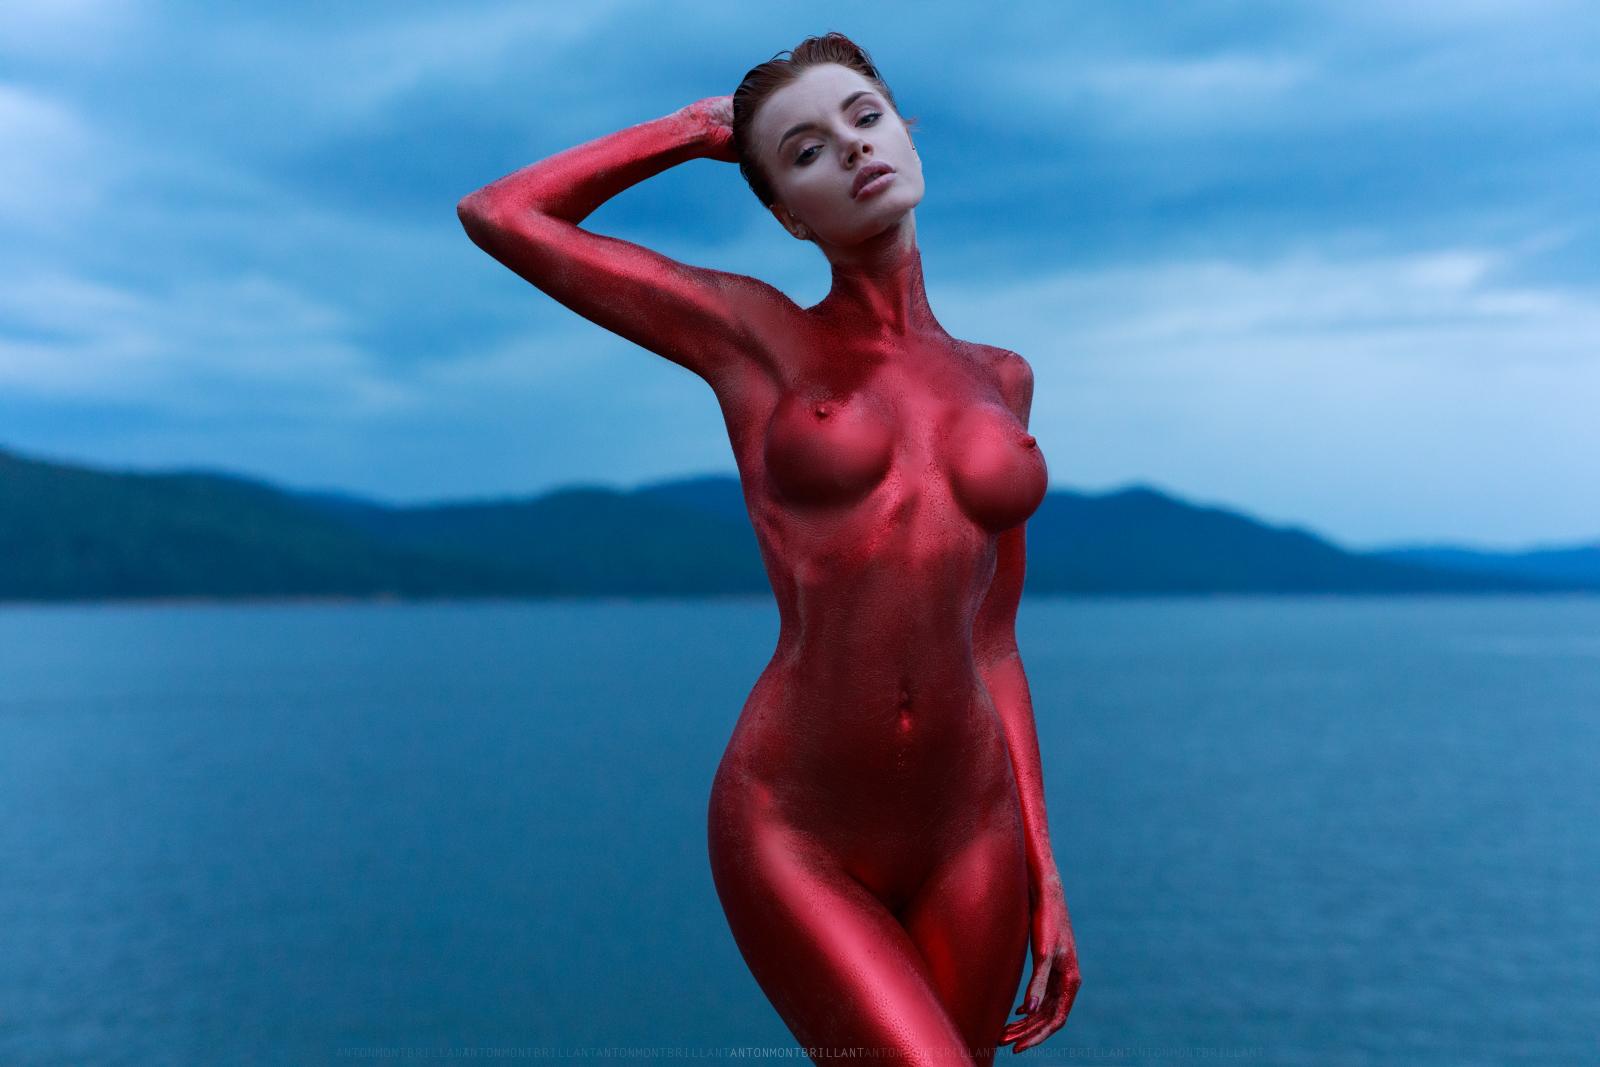 Красная женщина / фото Anton Montbrillant